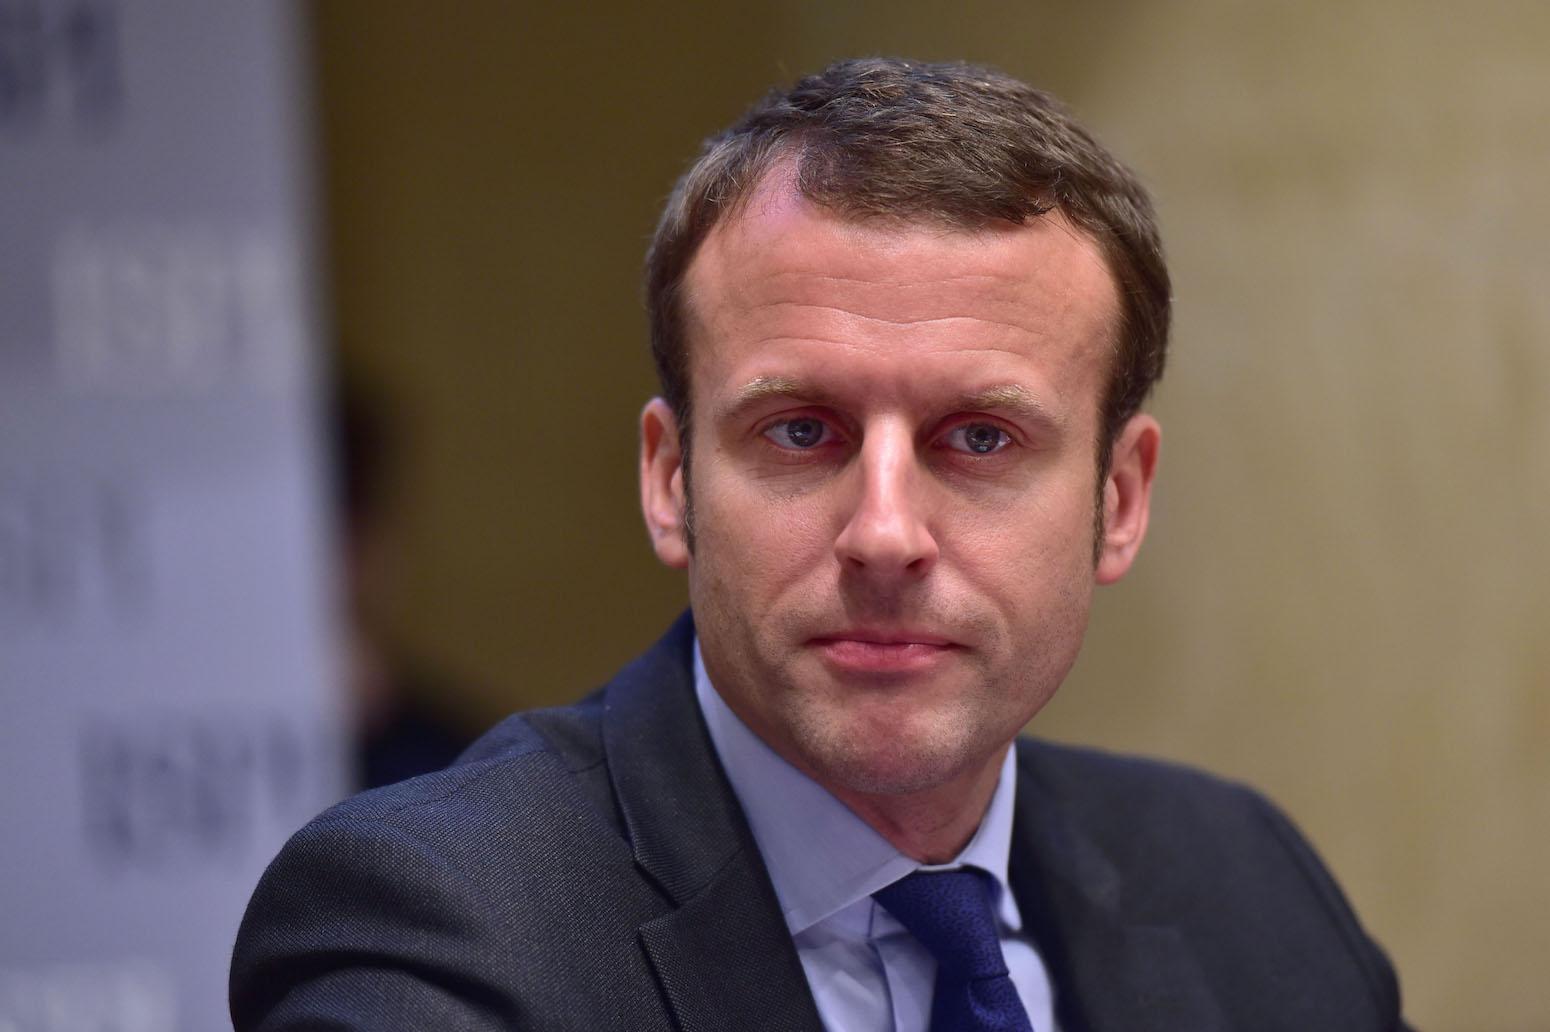 Ecco tutto il programma economico di Emmanuel Macron punto per punto